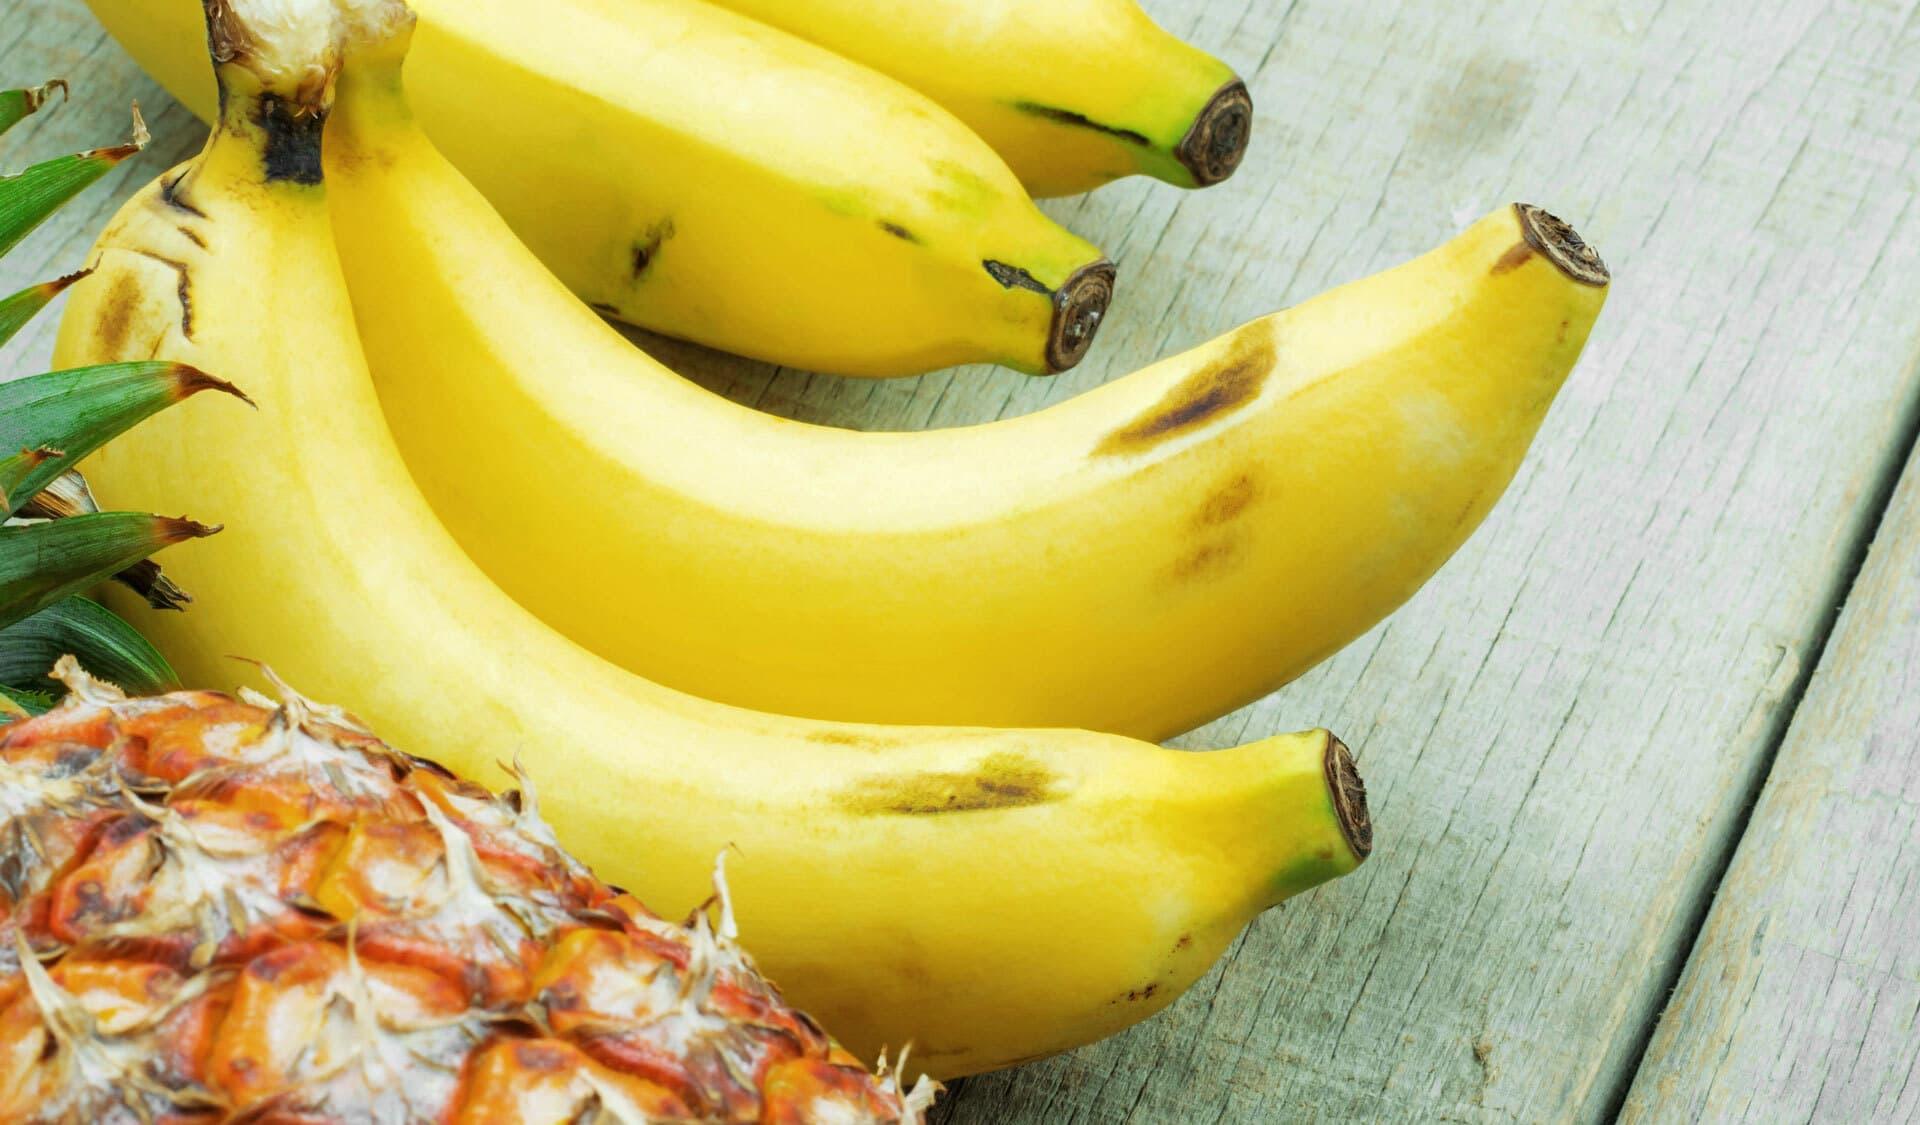 Exotische Früchte, Banane, Ananas